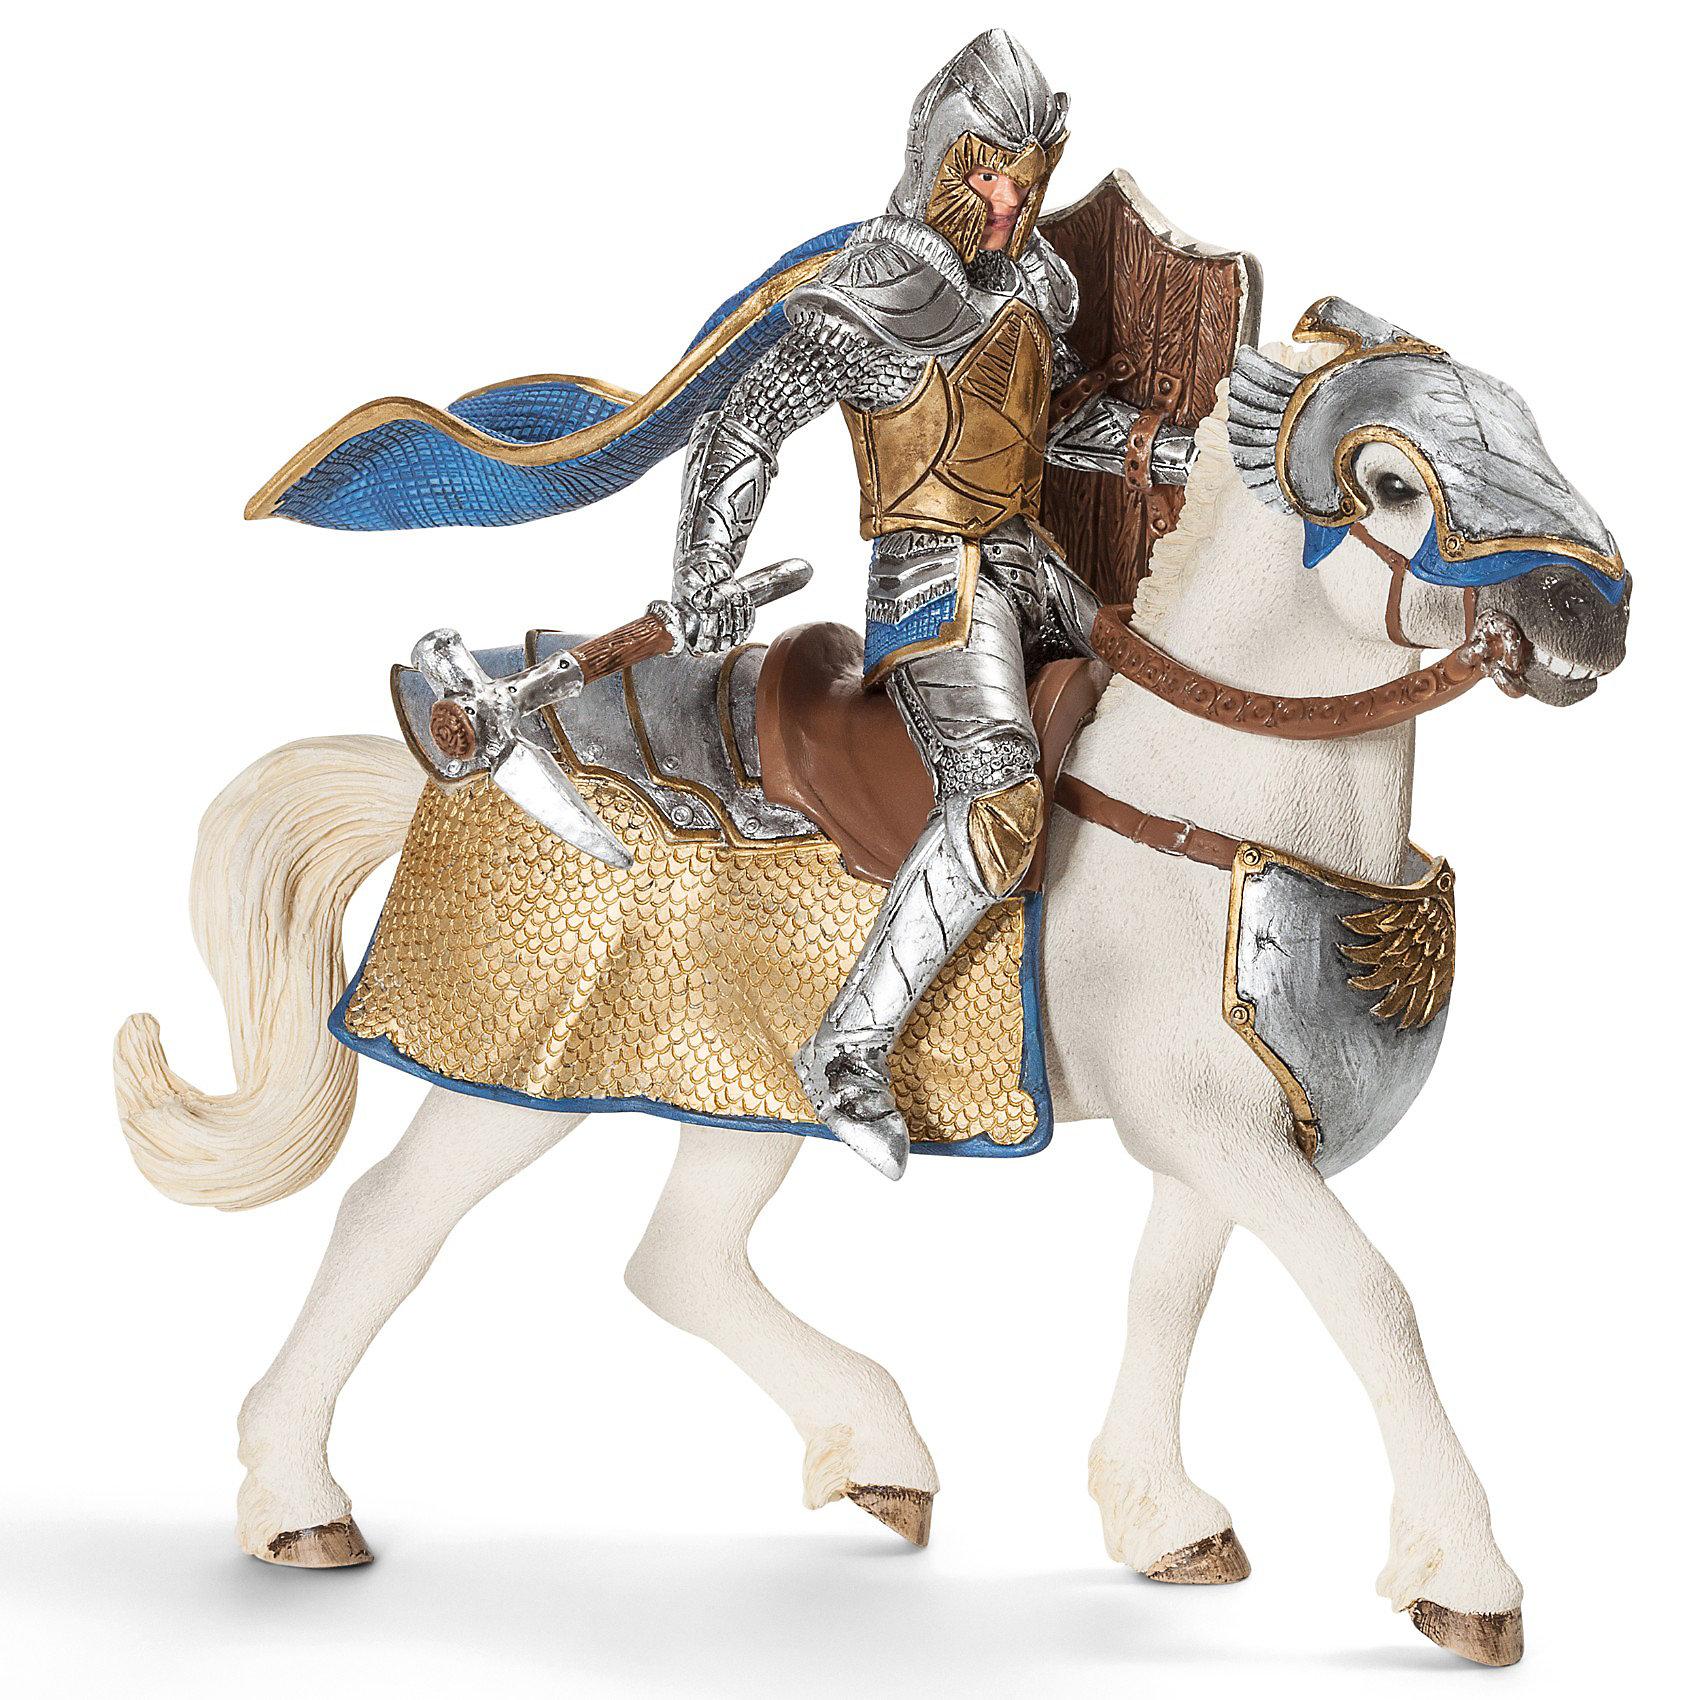 Рыцарь на коне Орден Грифона, SchleichСолдатики и рыцари<br>Рыцарь на коне Орден Грифона от  Schleich (Шляйх) вооружен молотом в форме клюква хищной птицы. Воин сам изготовил для себя это орудие, которому нет равных уже потому, что его враги никогда не видели такого оружия. Никто не может сравниться с этим рыцарем по силе удара.<br><br>Дополнительная информация:<br><br>-фигурки Рыцарь Грифона на коне, раскрашенные вручную, сделаны из безопасного материала – каучукового пластика.<br>-размеры (ДхШхВ): 8,5х15х18 см<br>-всадник надежно крепится к лошади с помощью магнитов, встроенных в фигурку. <br><br>Игрушку Рыцарь на коне Орден Грифона, Schleich (Шляйх) можно купить в нашем интернет - магазине.<br><br>Ширина мм: 169<br>Глубина мм: 162<br>Высота мм: 86<br>Вес г: 229<br>Возраст от месяцев: 36<br>Возраст до месяцев: 96<br>Пол: Мужской<br>Возраст: Детский<br>SKU: 3164164